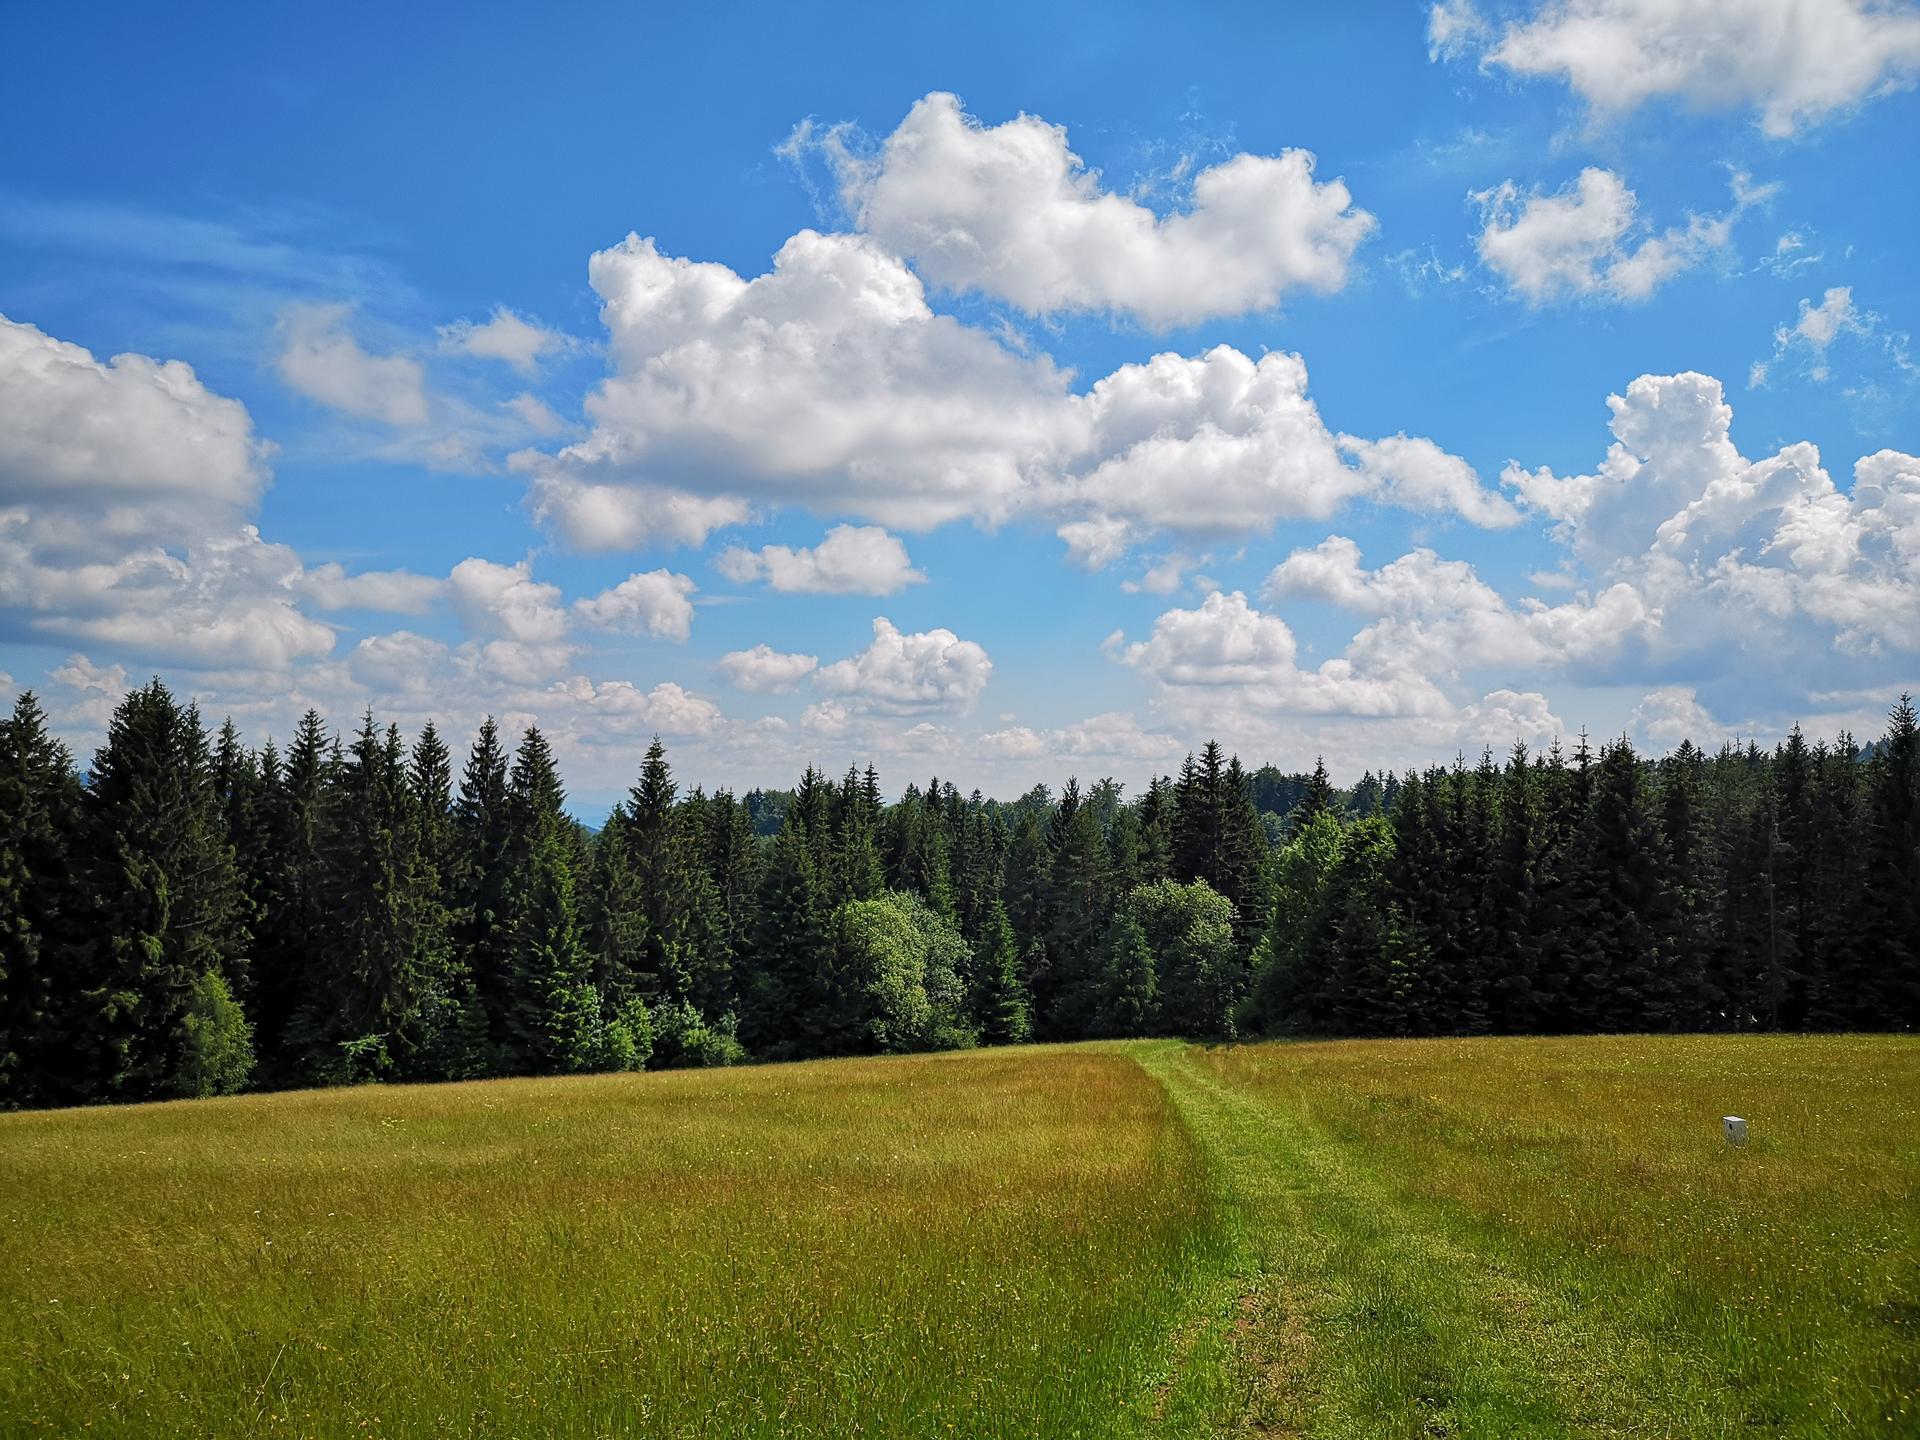 Na samote u lesa - Obrázok č. 168